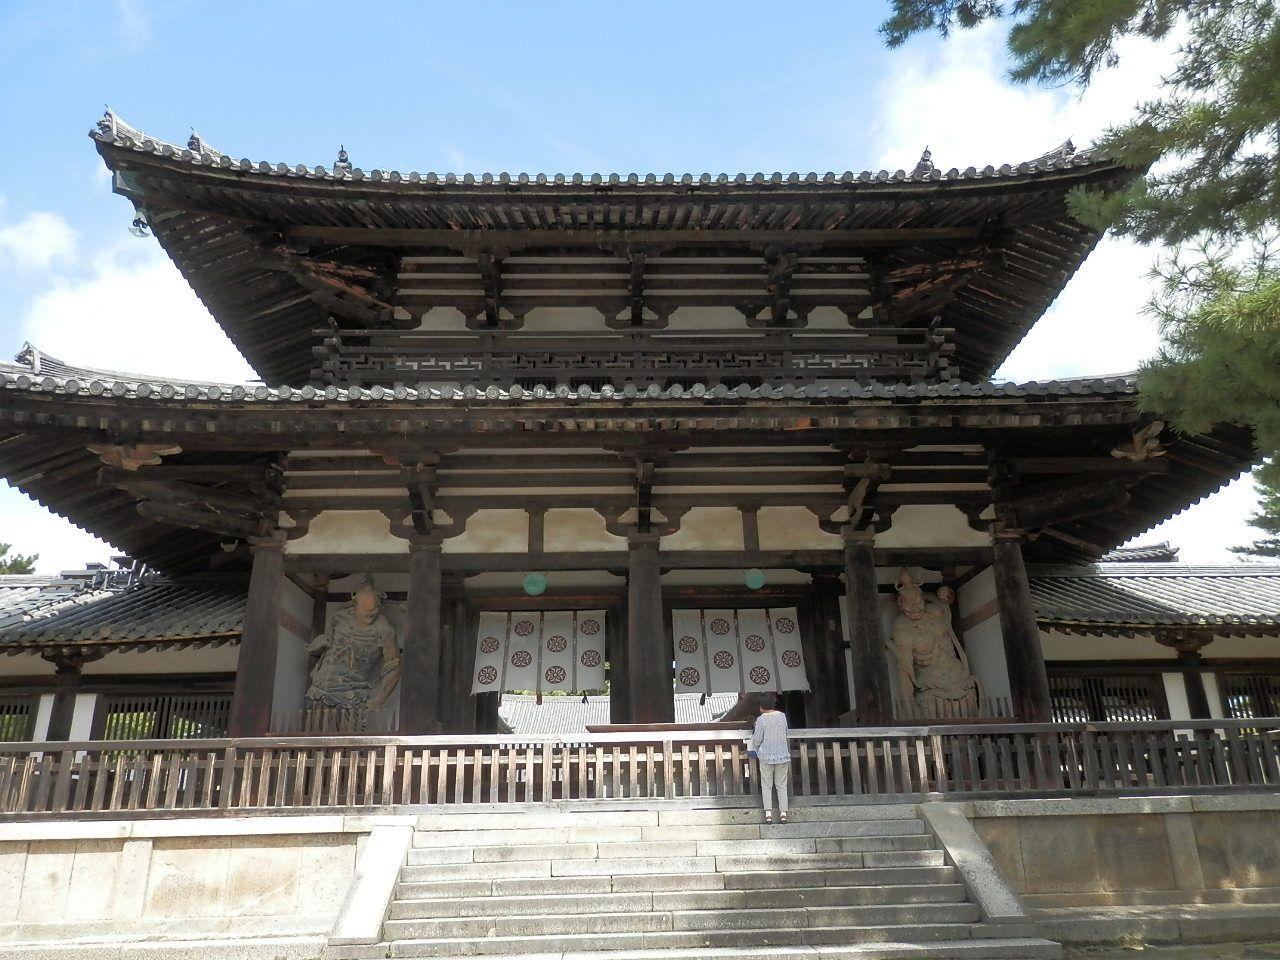 法隆寺の入り口から既に飛鳥の息吹を感じる